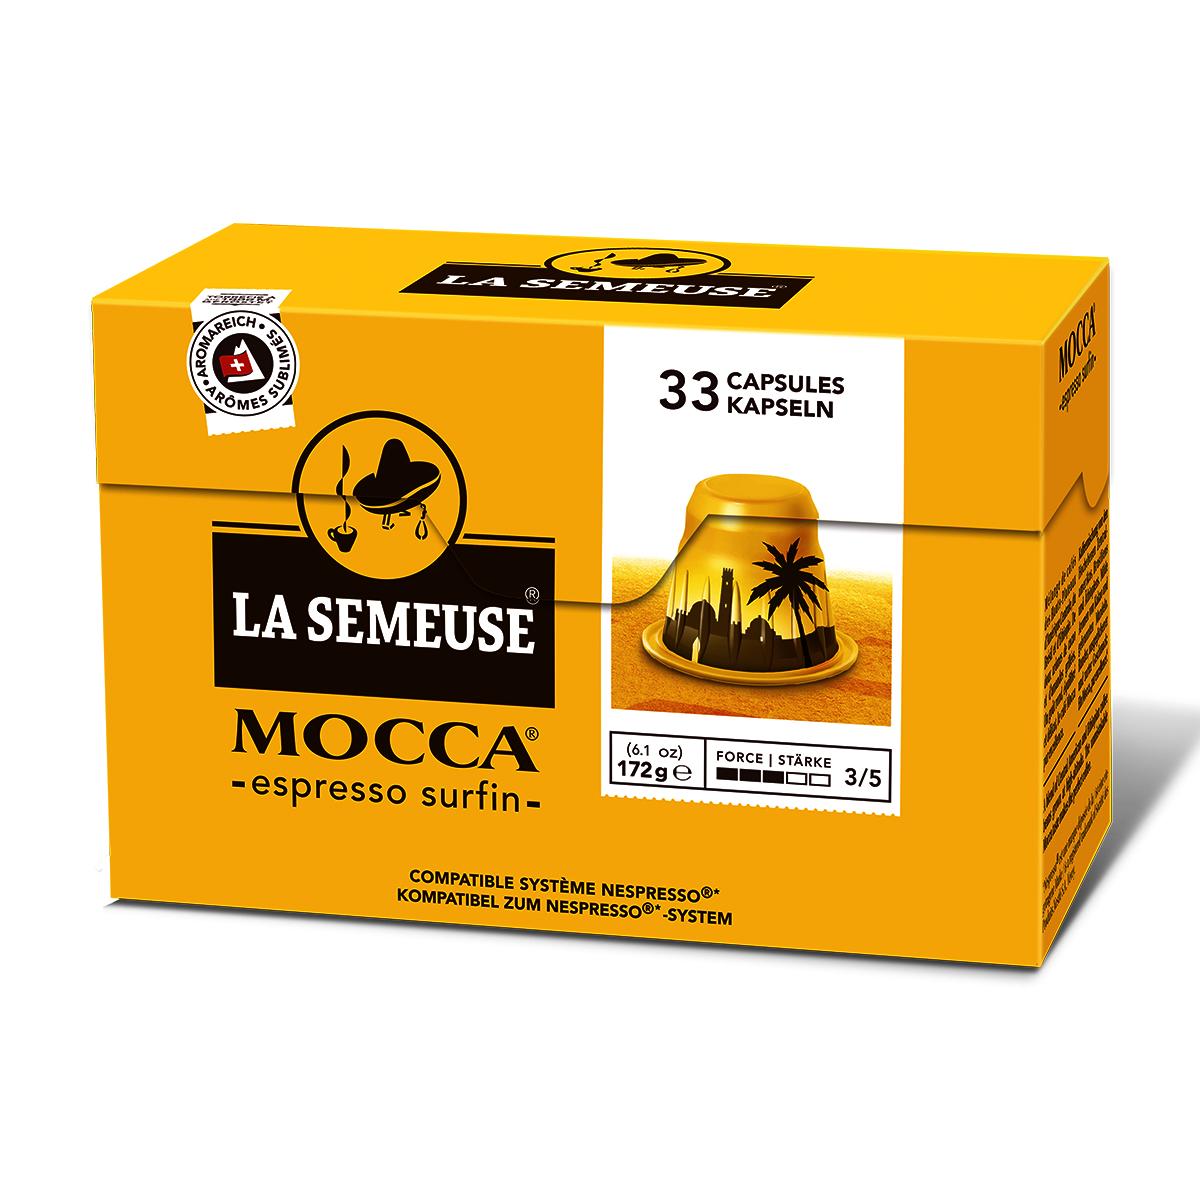 瑞士Moka咖啡膠囊, 摩卡咖啡(雀巢咖啡機兼容)